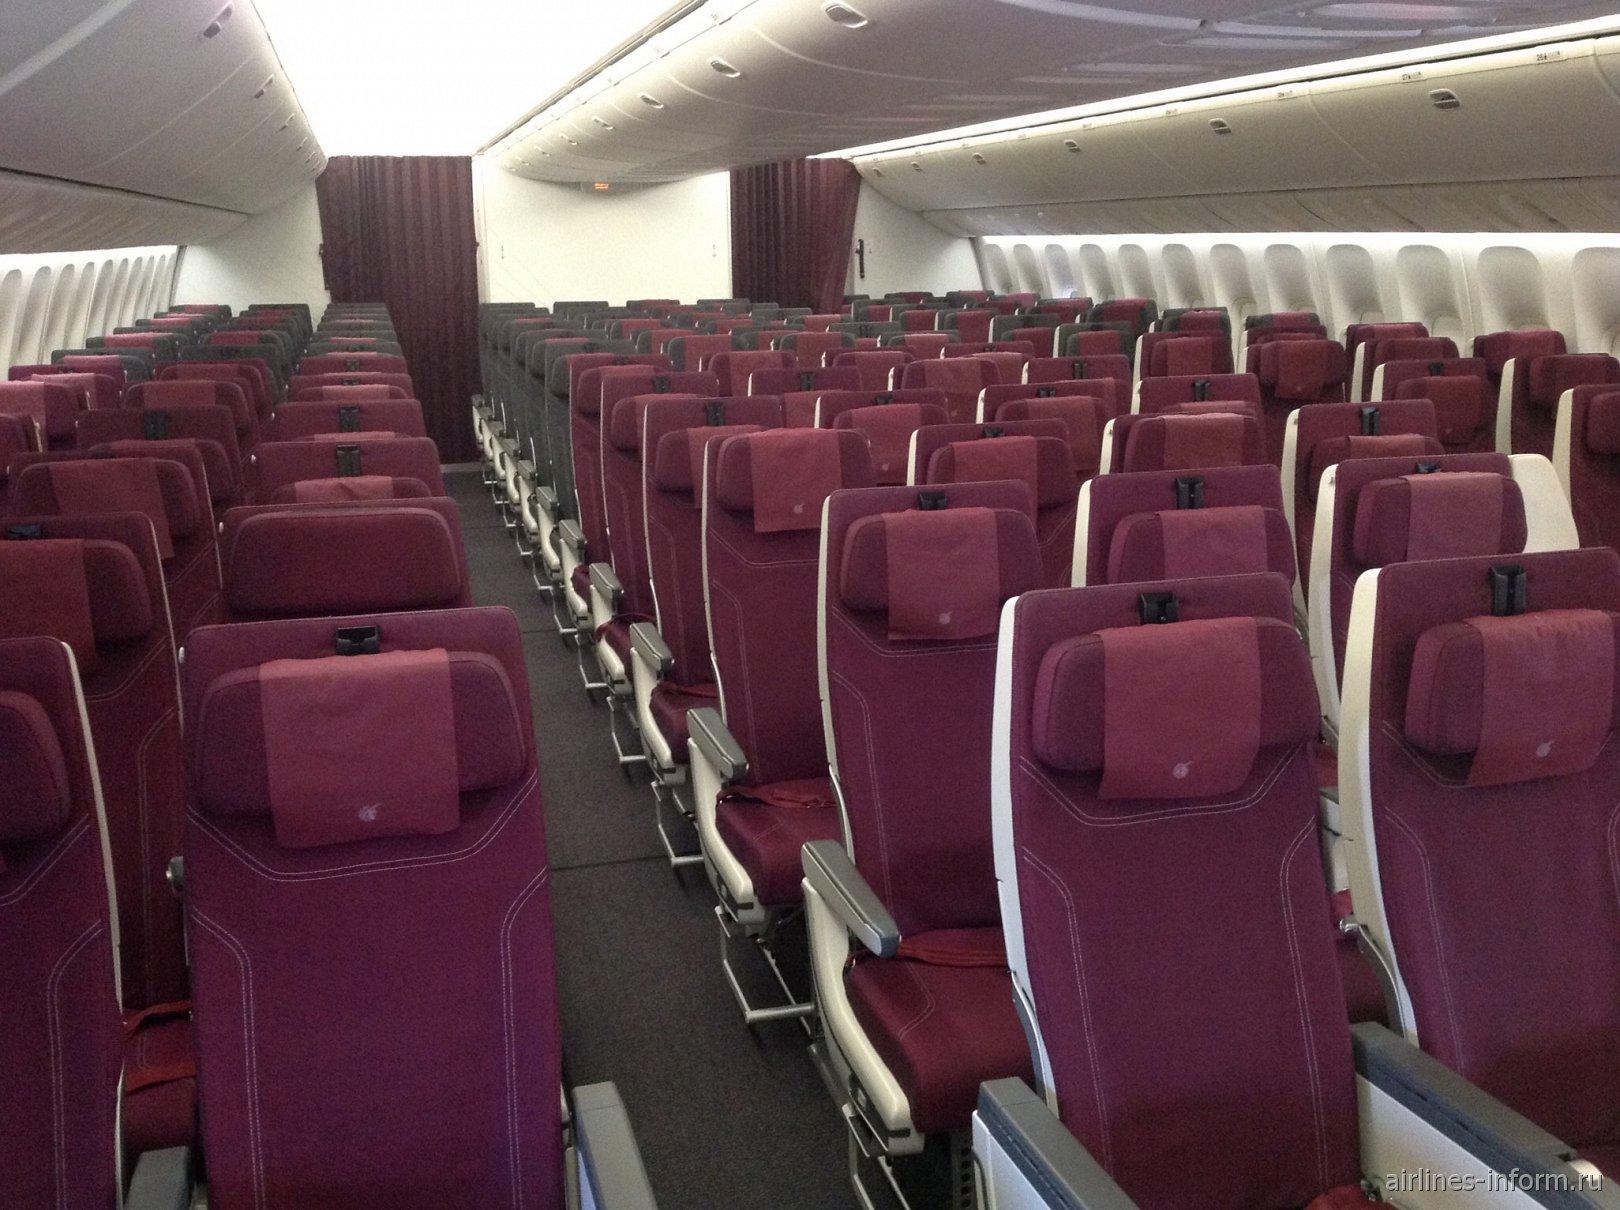 Пассажирский салон эконом-класса в самолете Boeing 777-300ER Катарских авиалиний